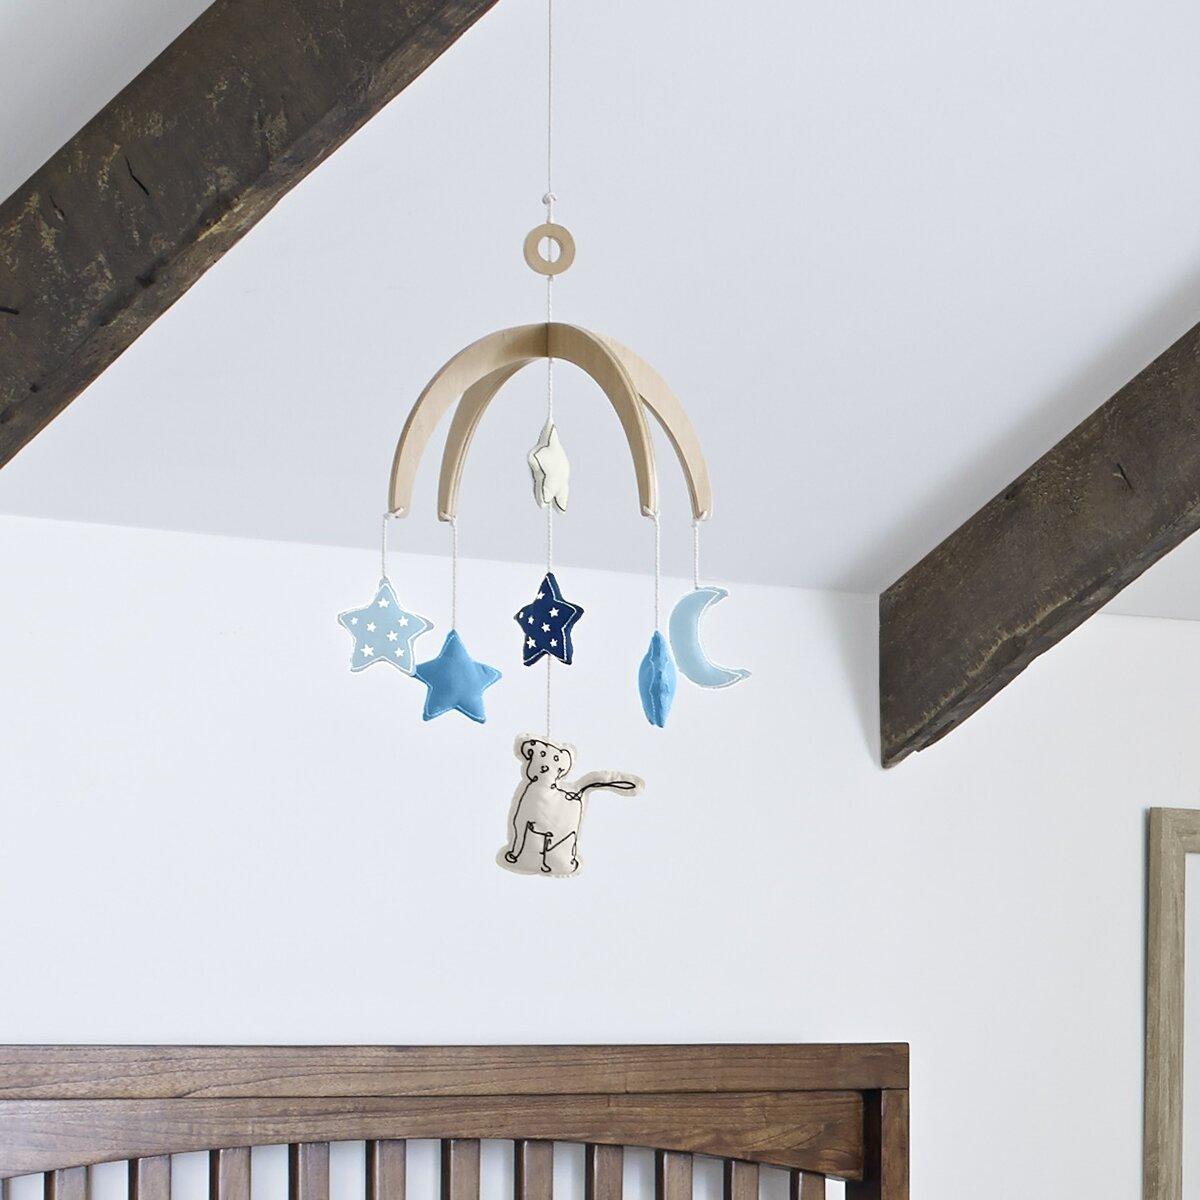 Mobile Bébé À Suspendre Au Plafond mobile de plafond pour chien doodle